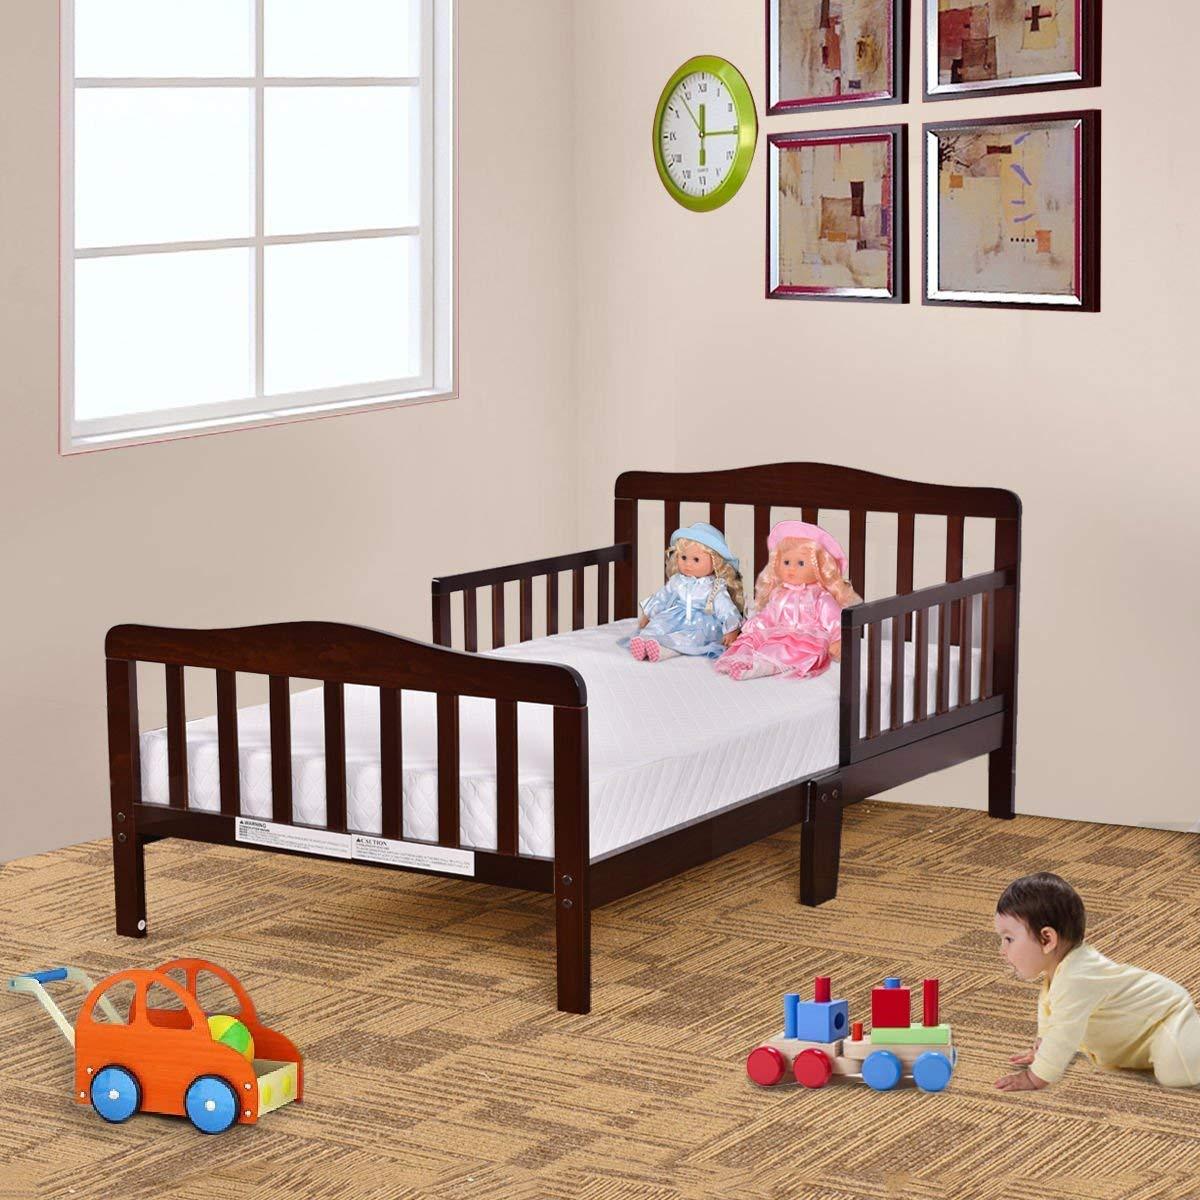 Amazon.com : HONEY JOY Toddler Bed, Wood Kids Bedframe Children ...